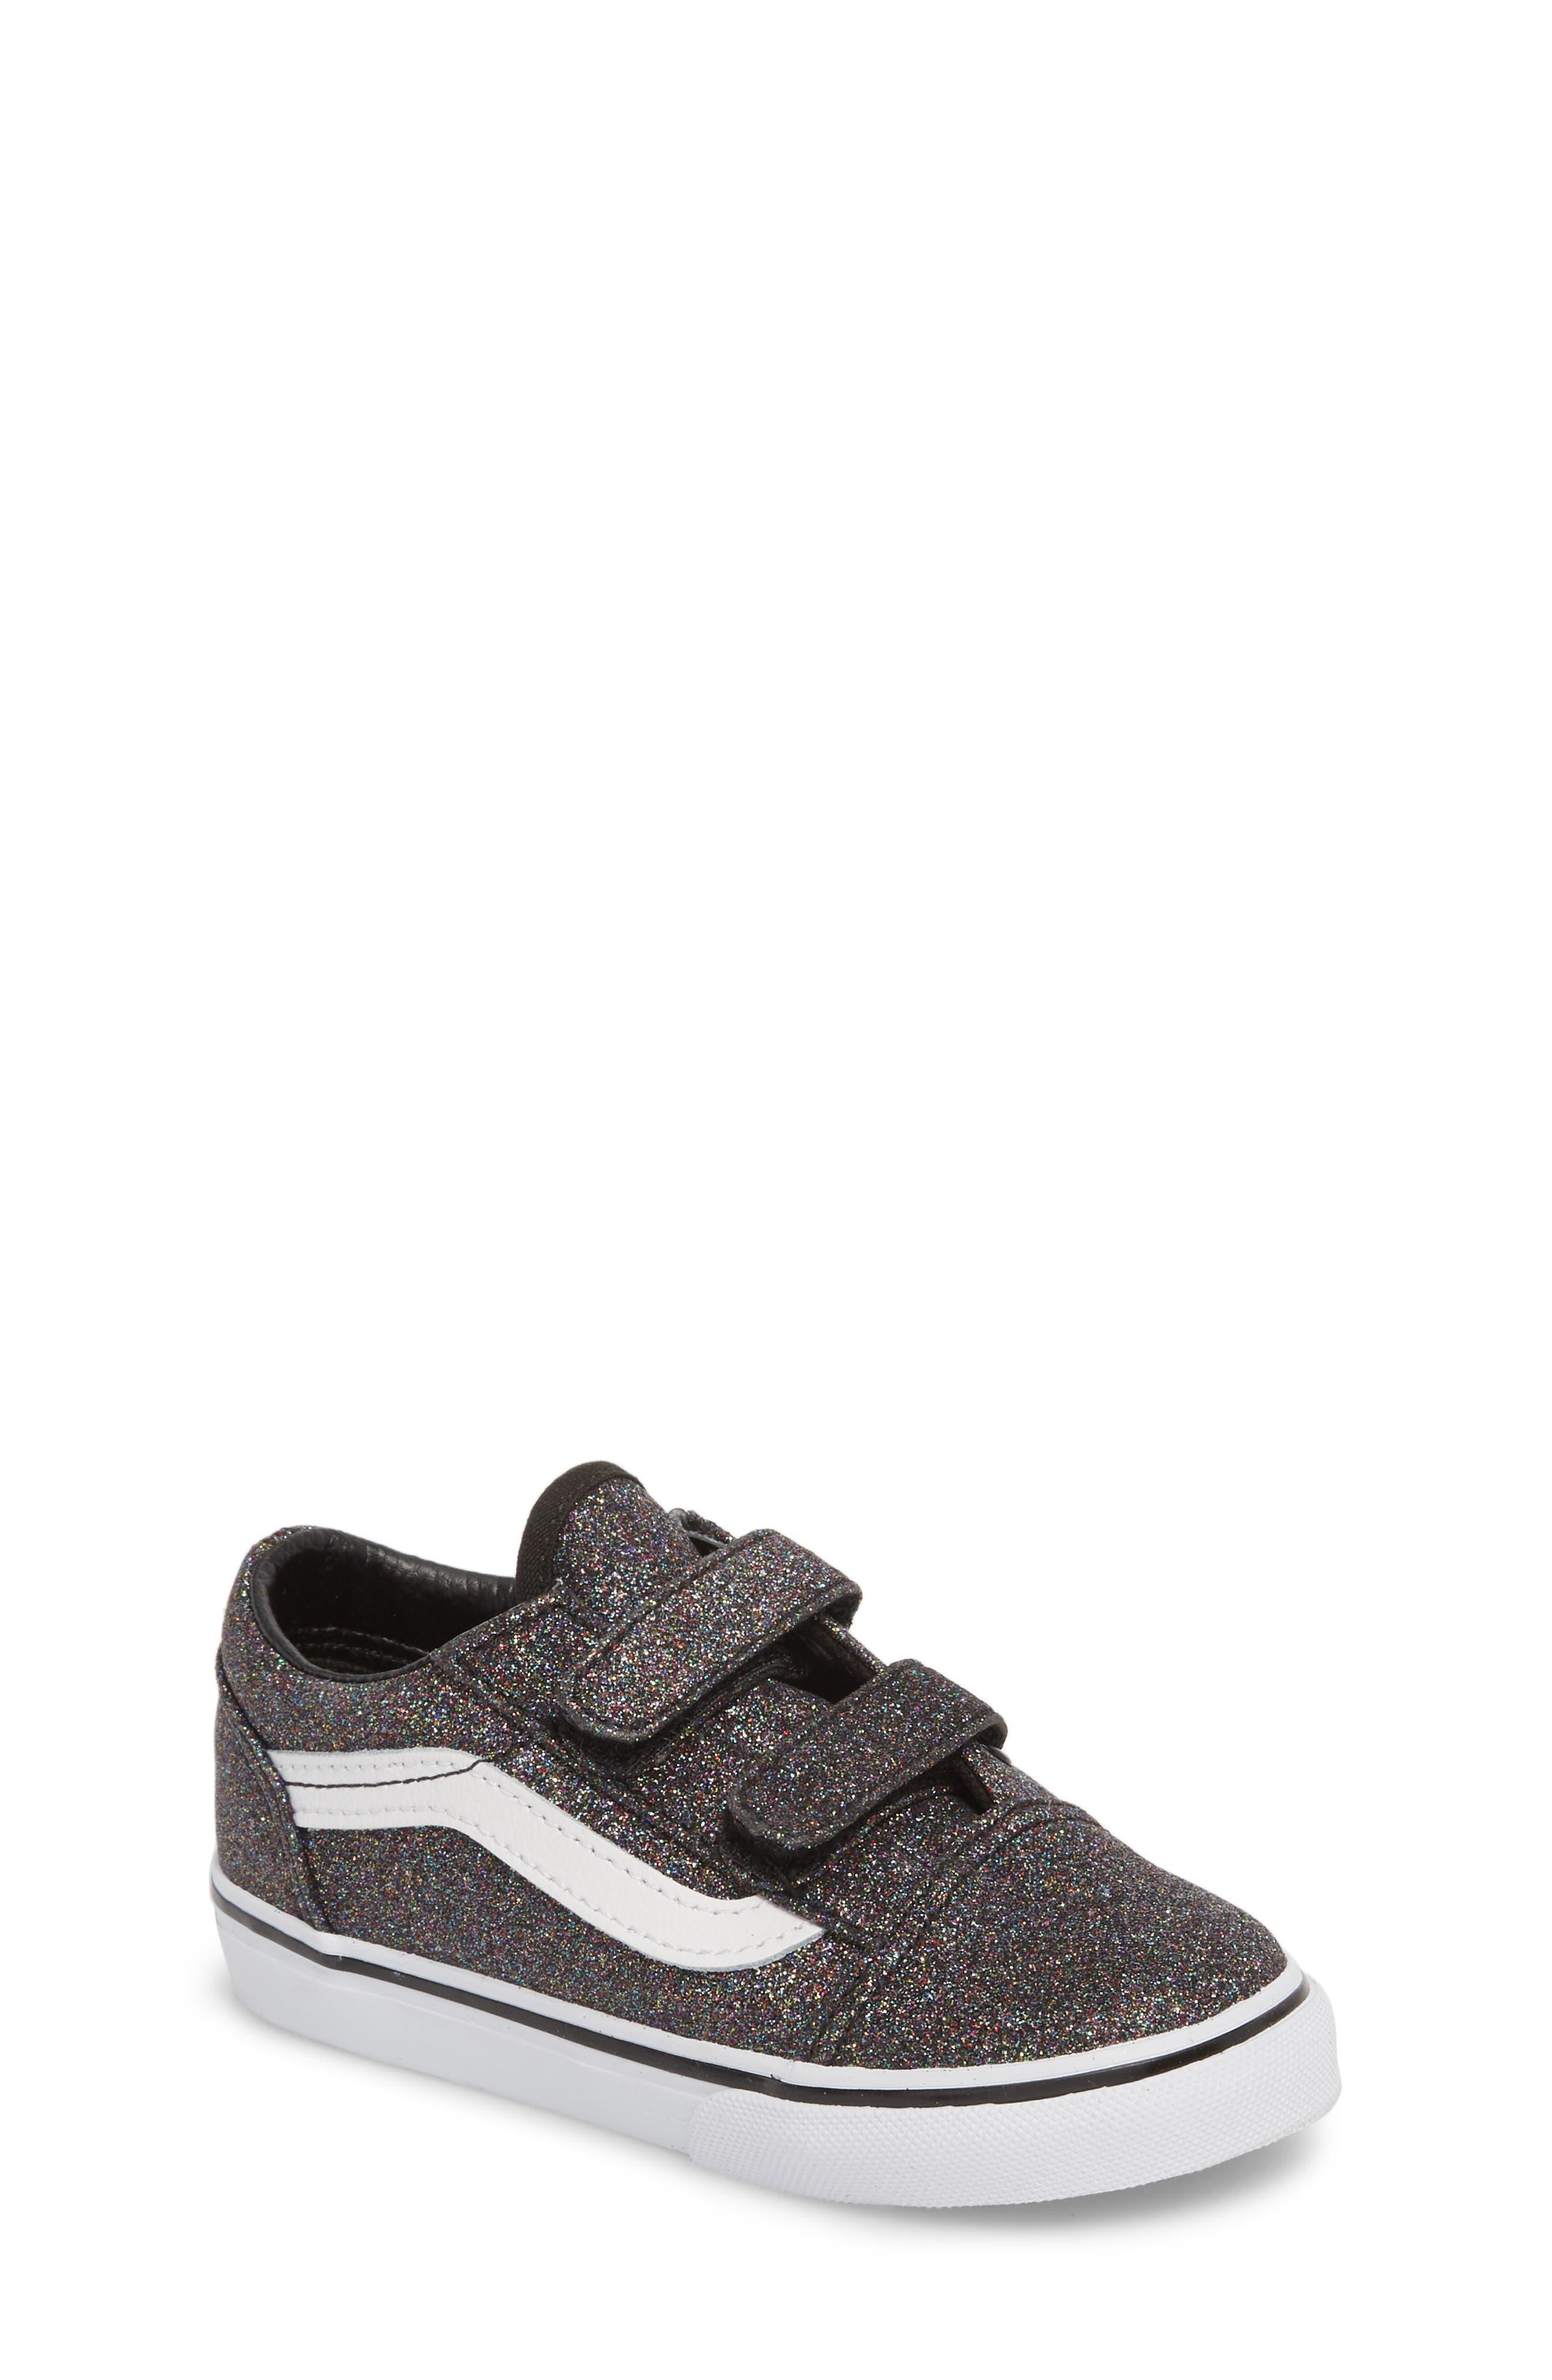 Old Skool V Glitter Sneaker,                             Main thumbnail 1, color,                             001